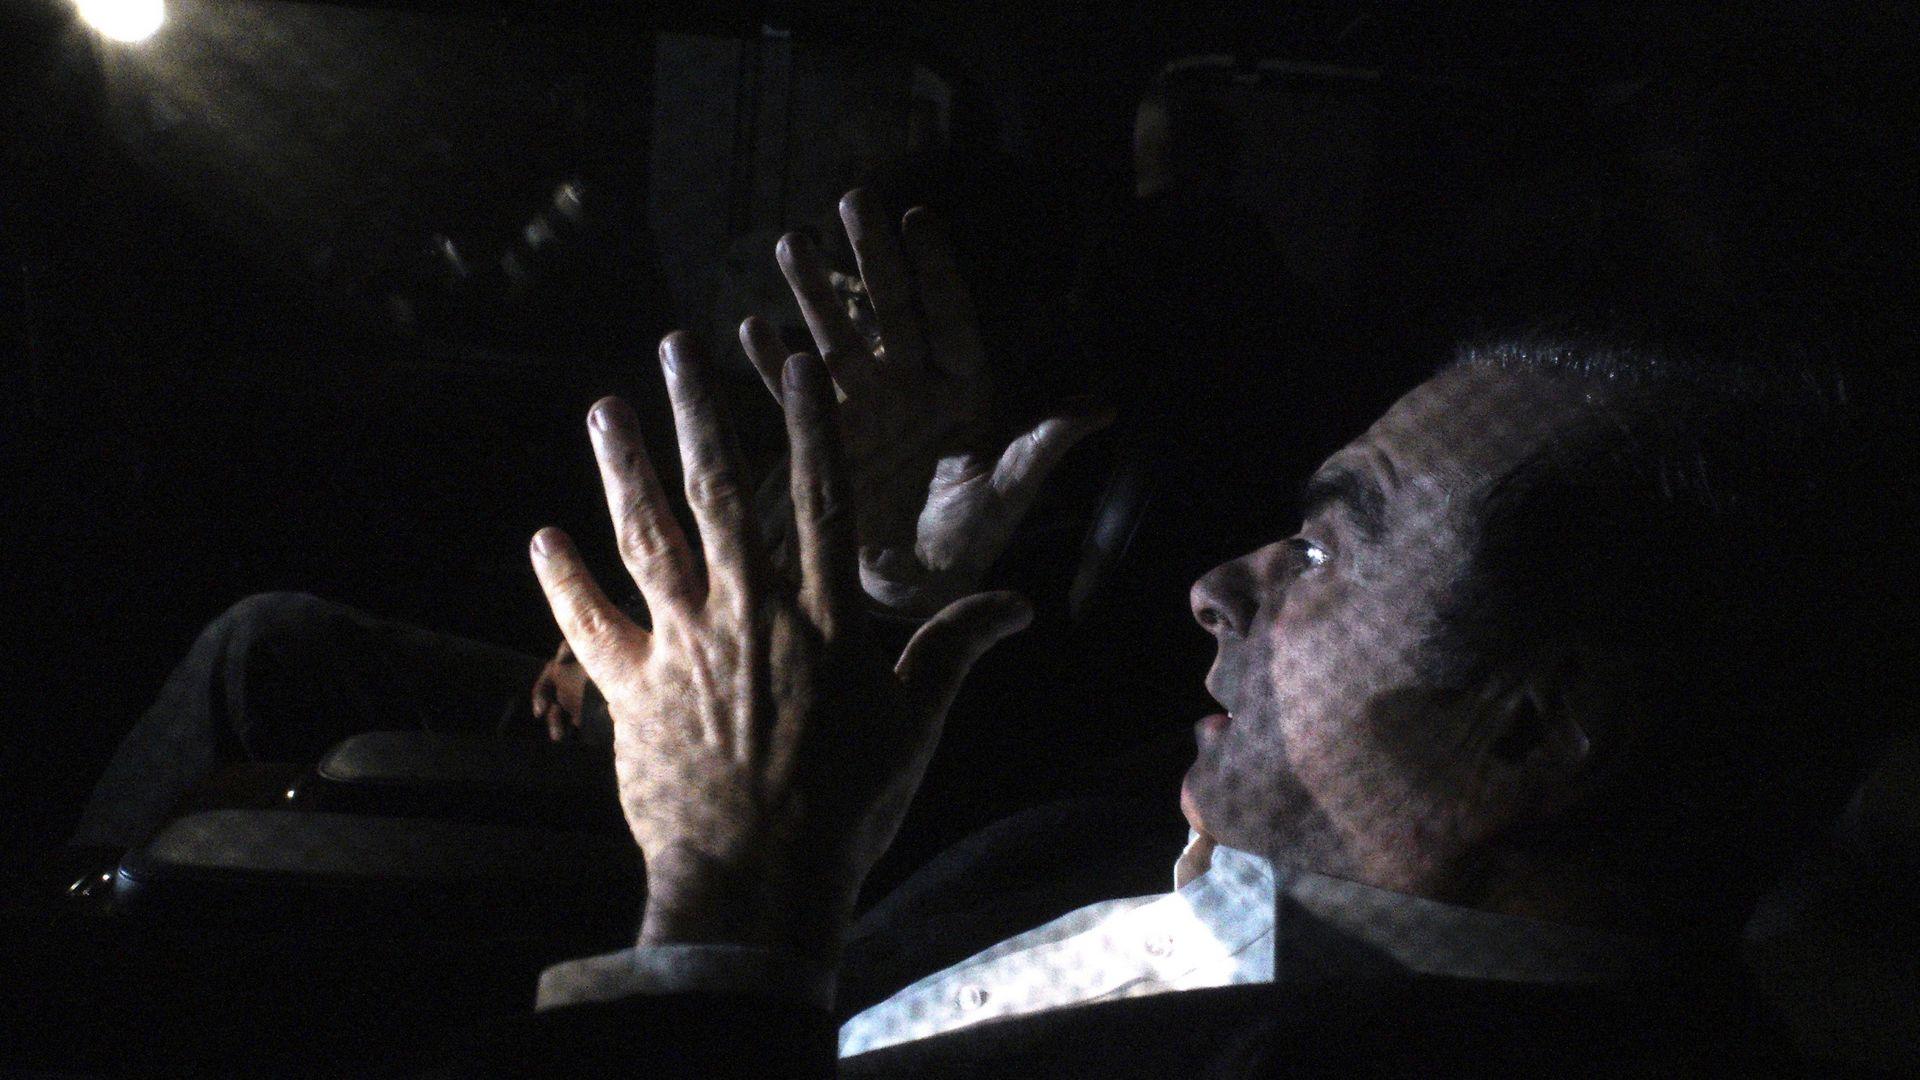 Карлос Гон няма да бъде екстрадиран, ако пристигне във Франция